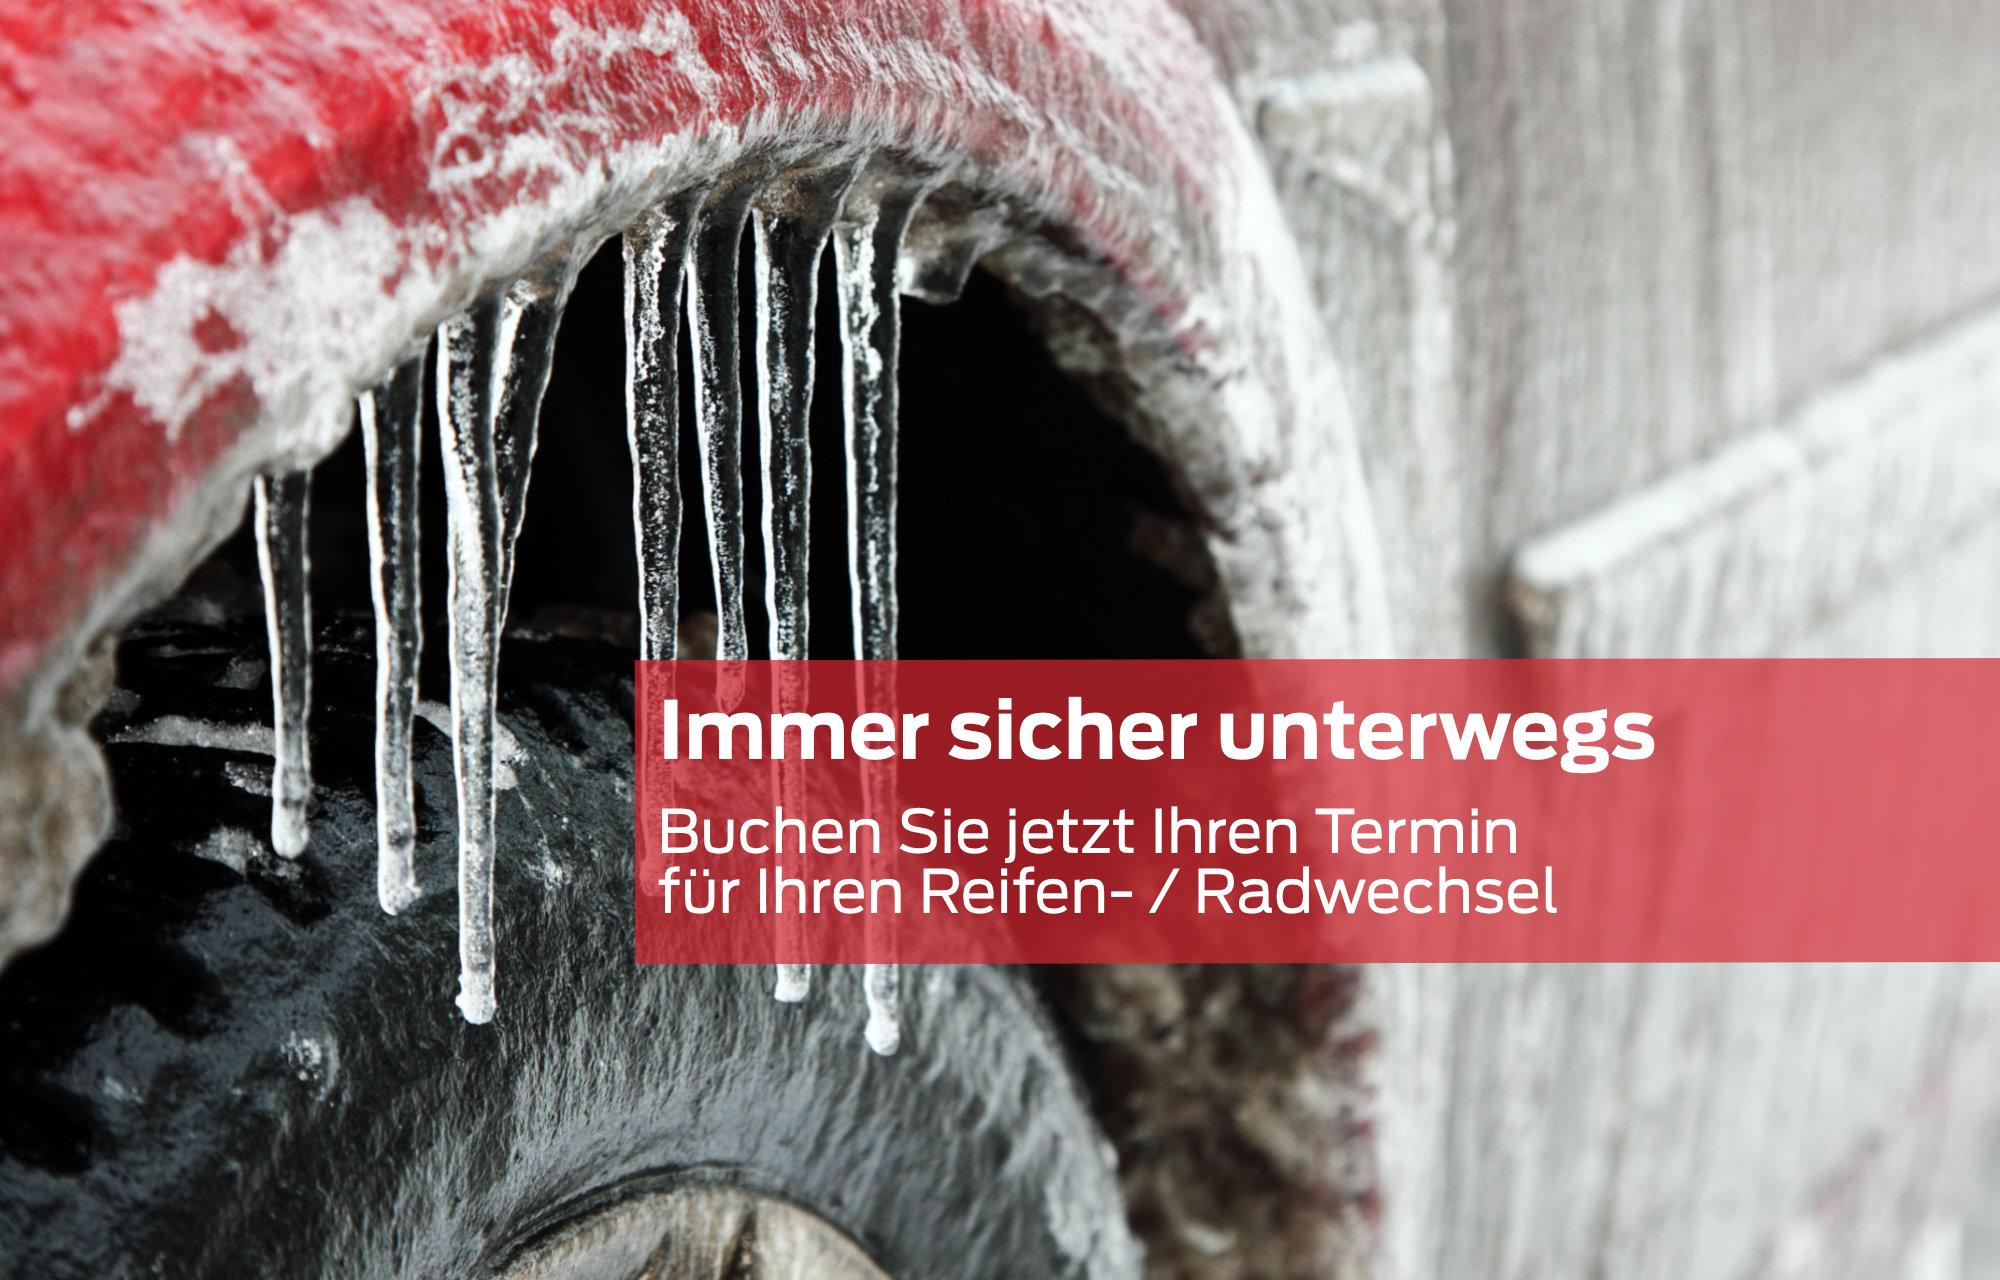 Winterradwechsel Th. Willy AG Luzern, Bern, Zürich